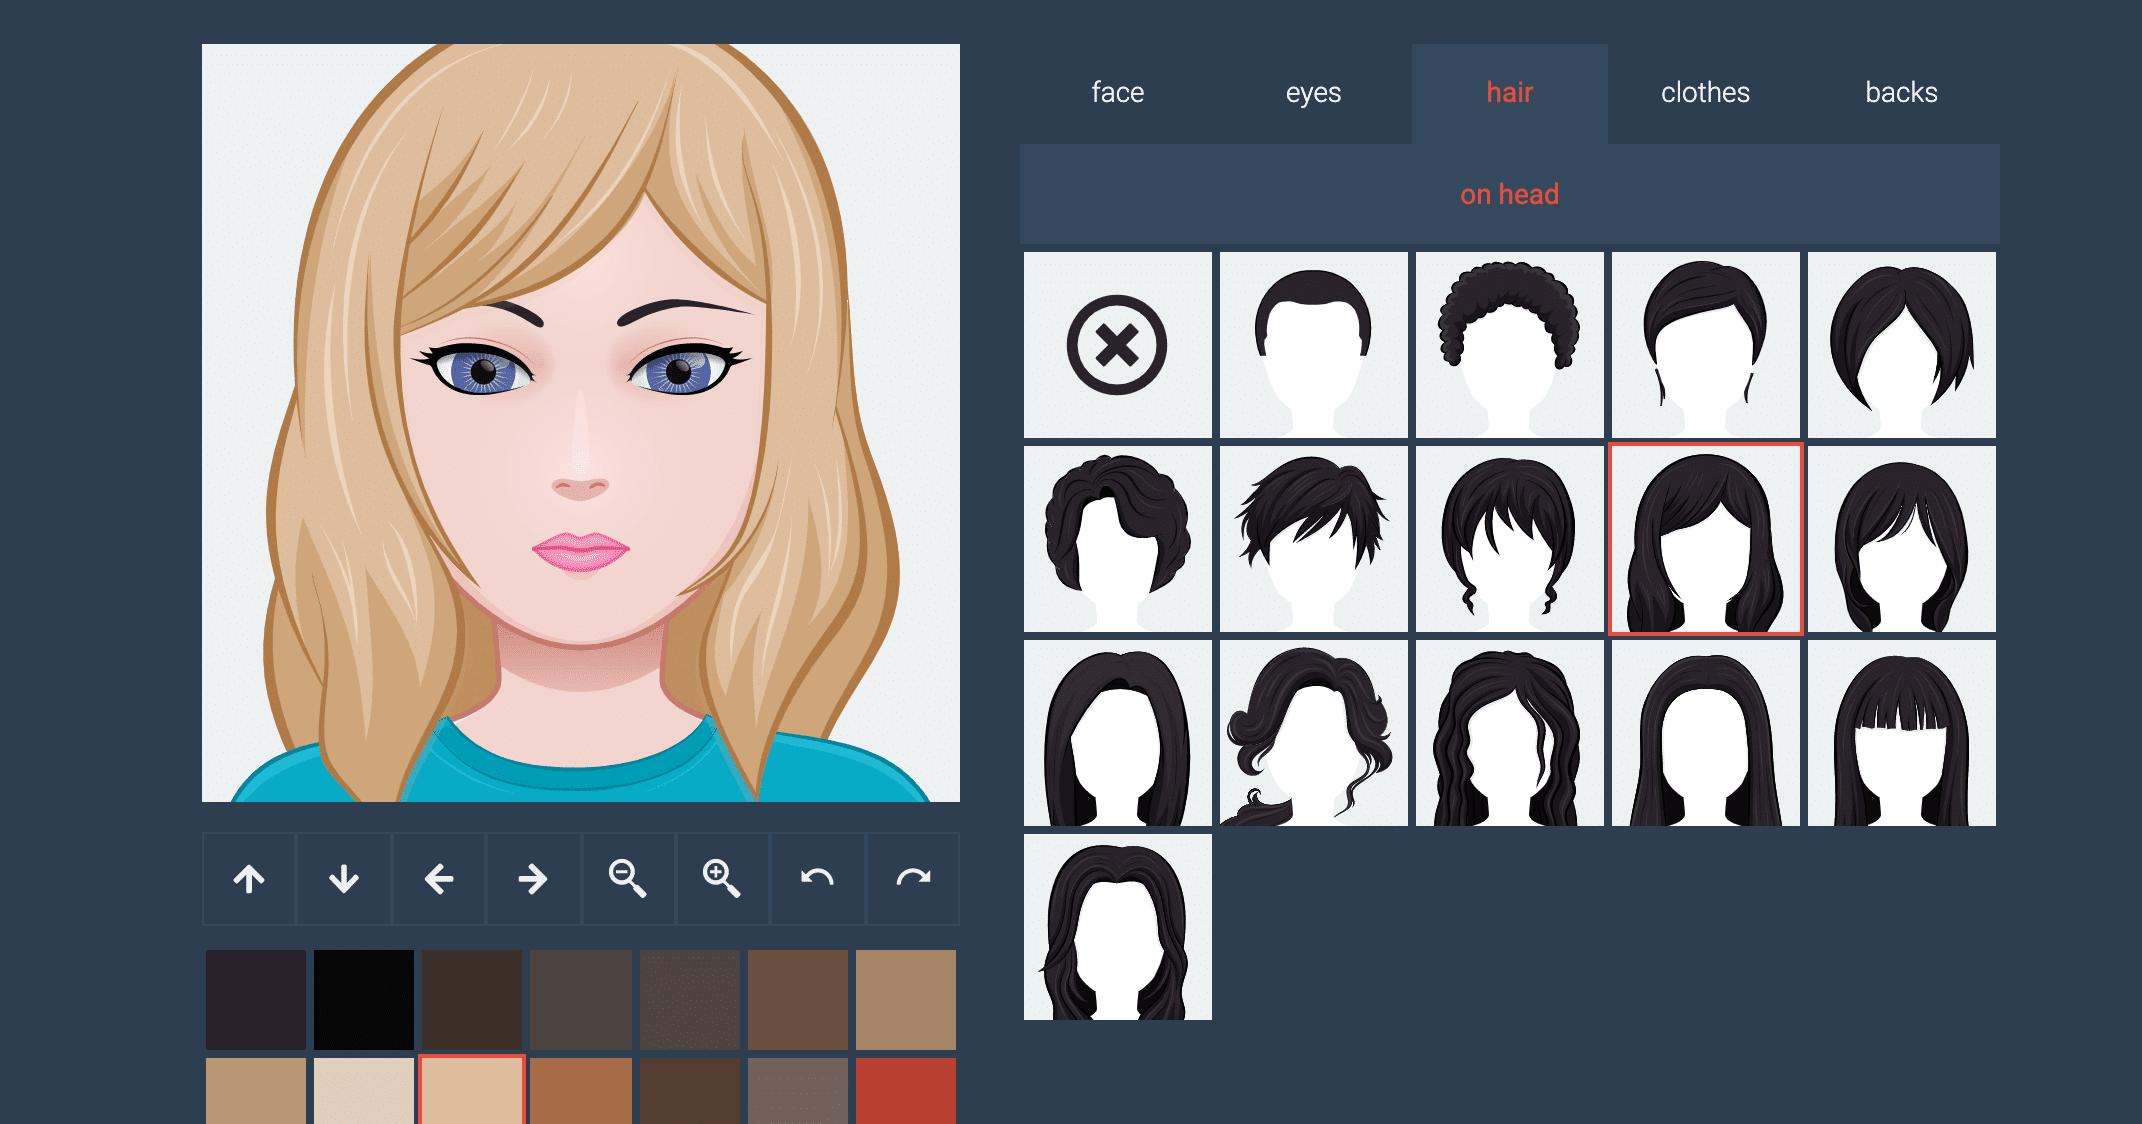 create an avatar - Face Co